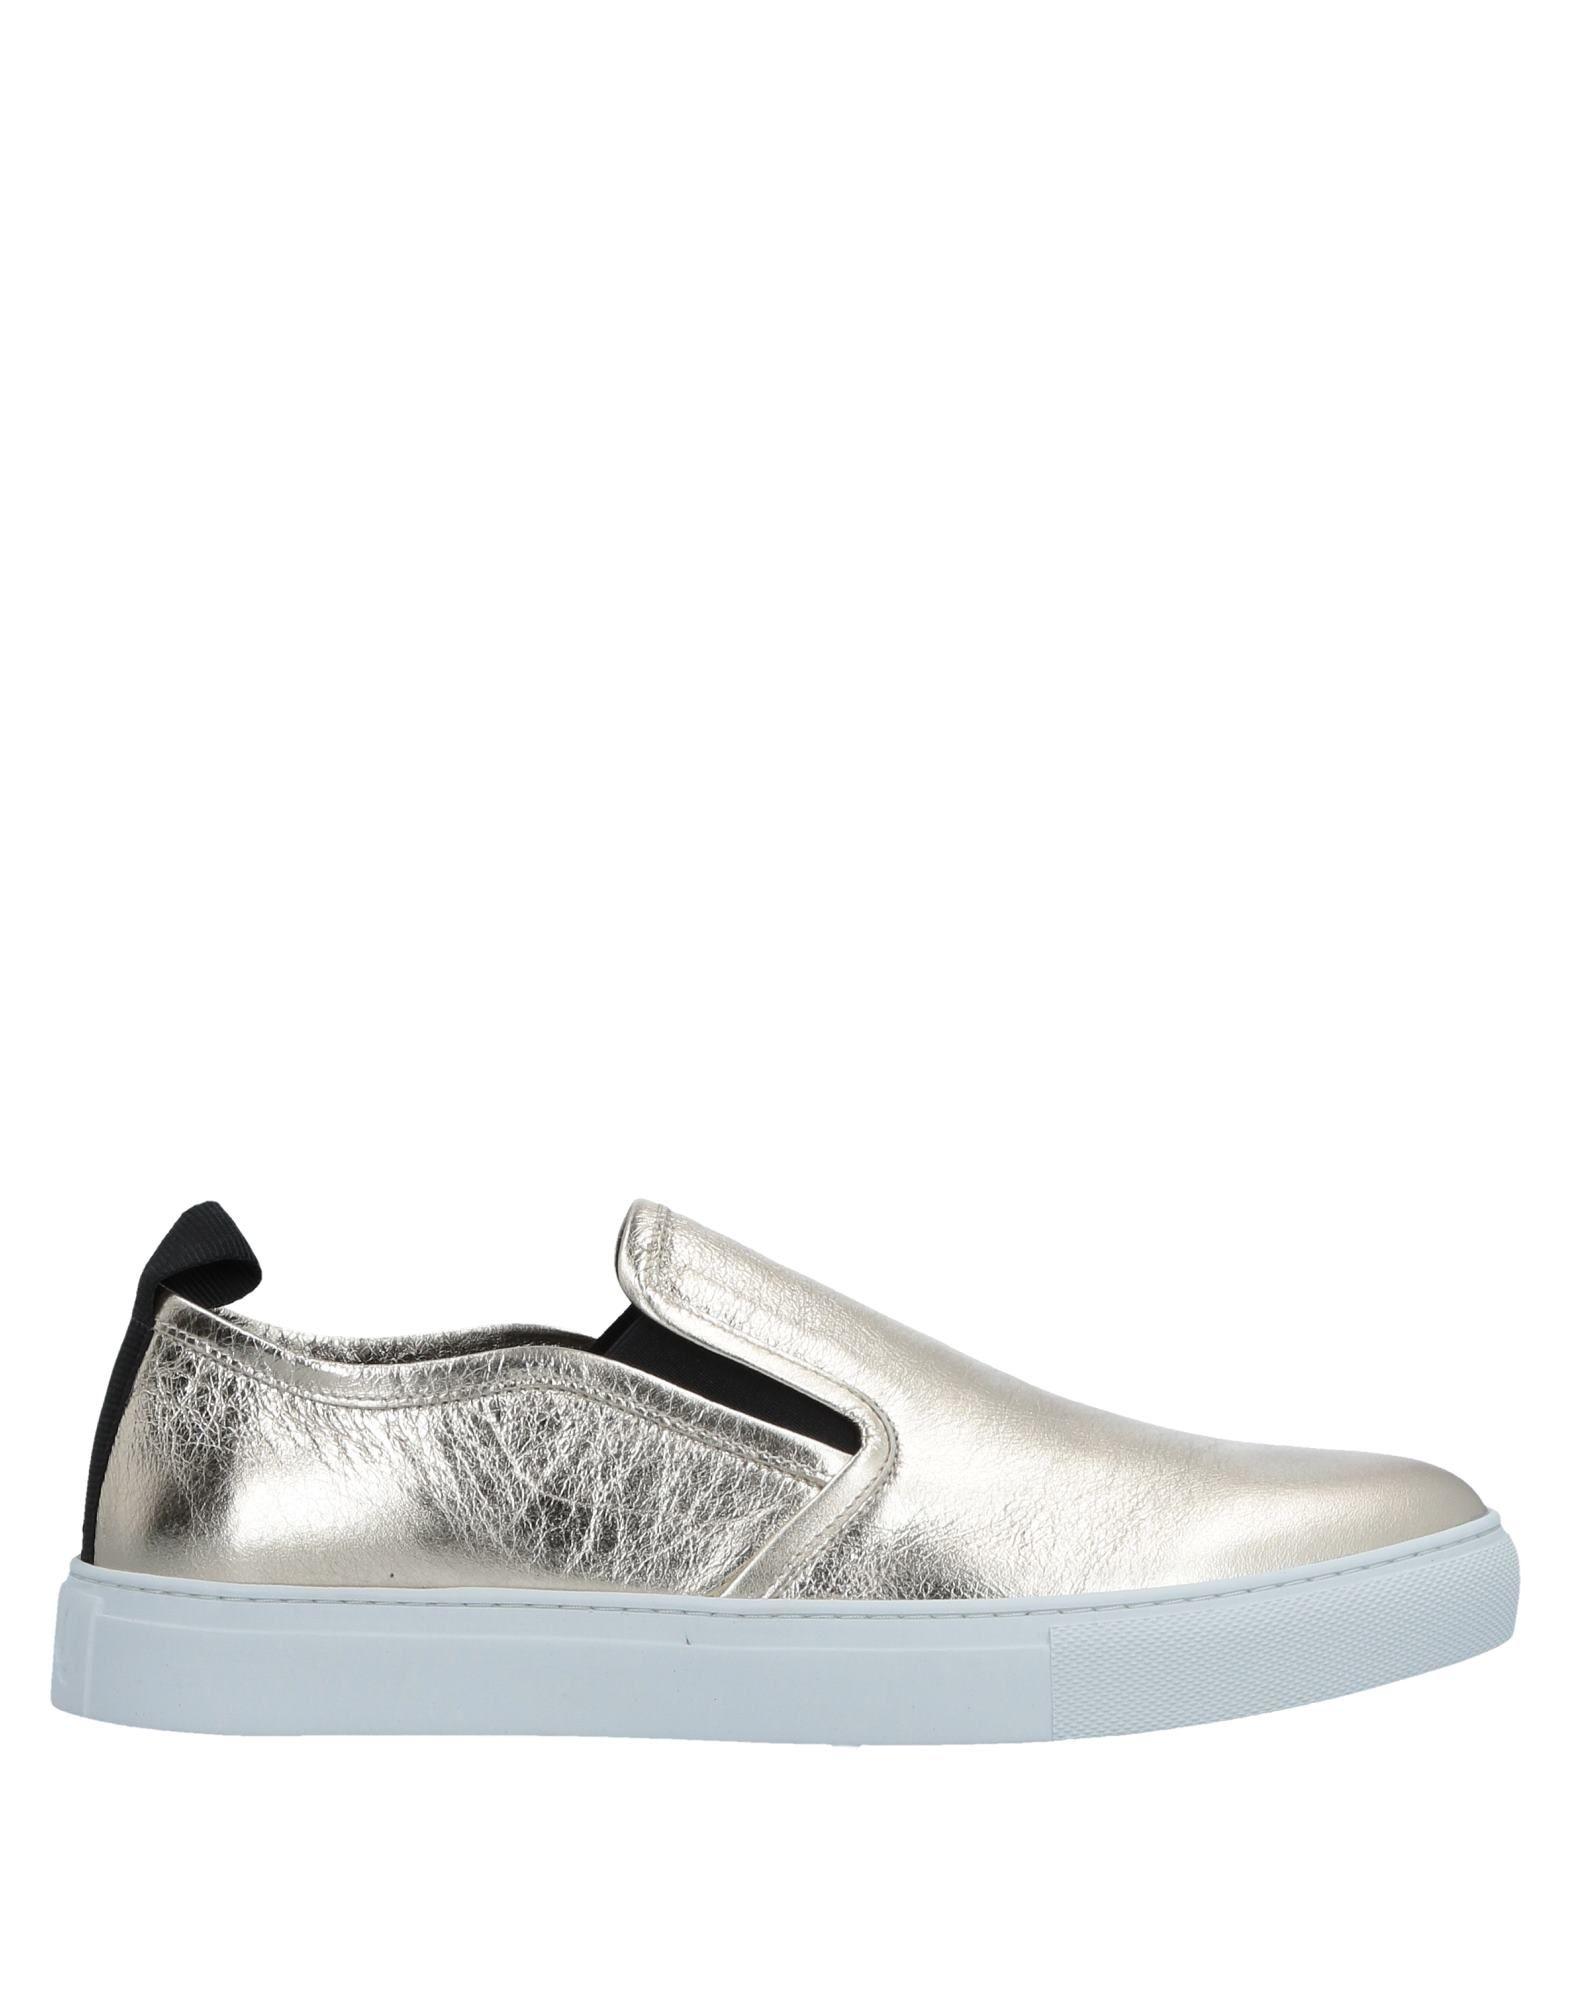 Mcq Alexander Mcqueen Sneakers Herren  11516565CK Gute Qualität beliebte Schuhe